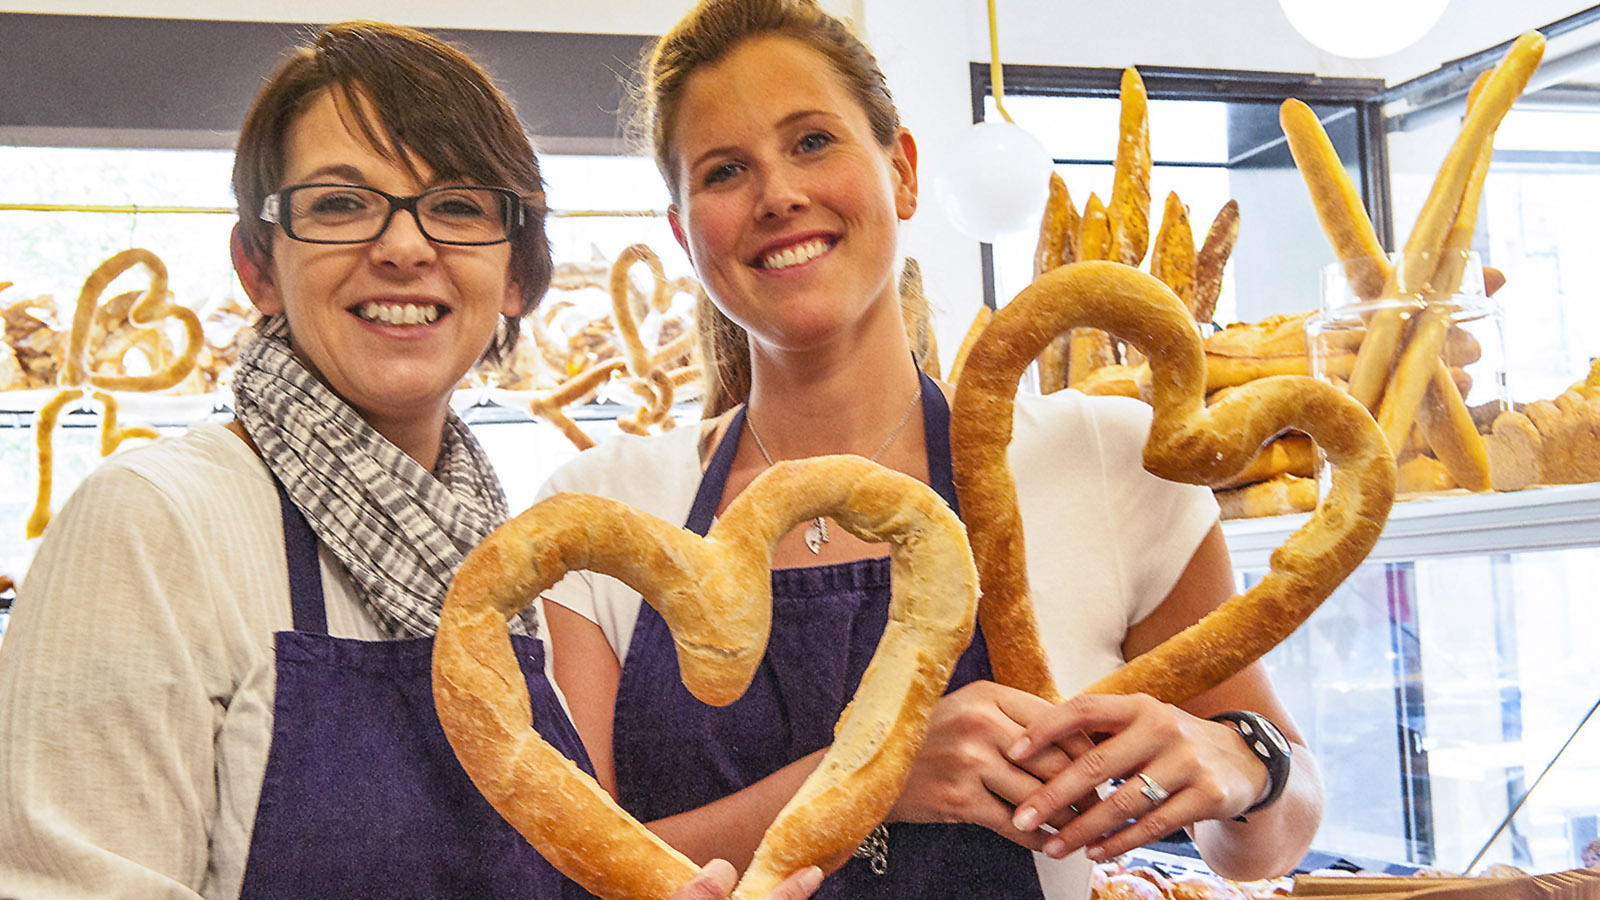 Selbst die Bäcker zeigen Herz in Avignon. Foto: Hilke Maunder